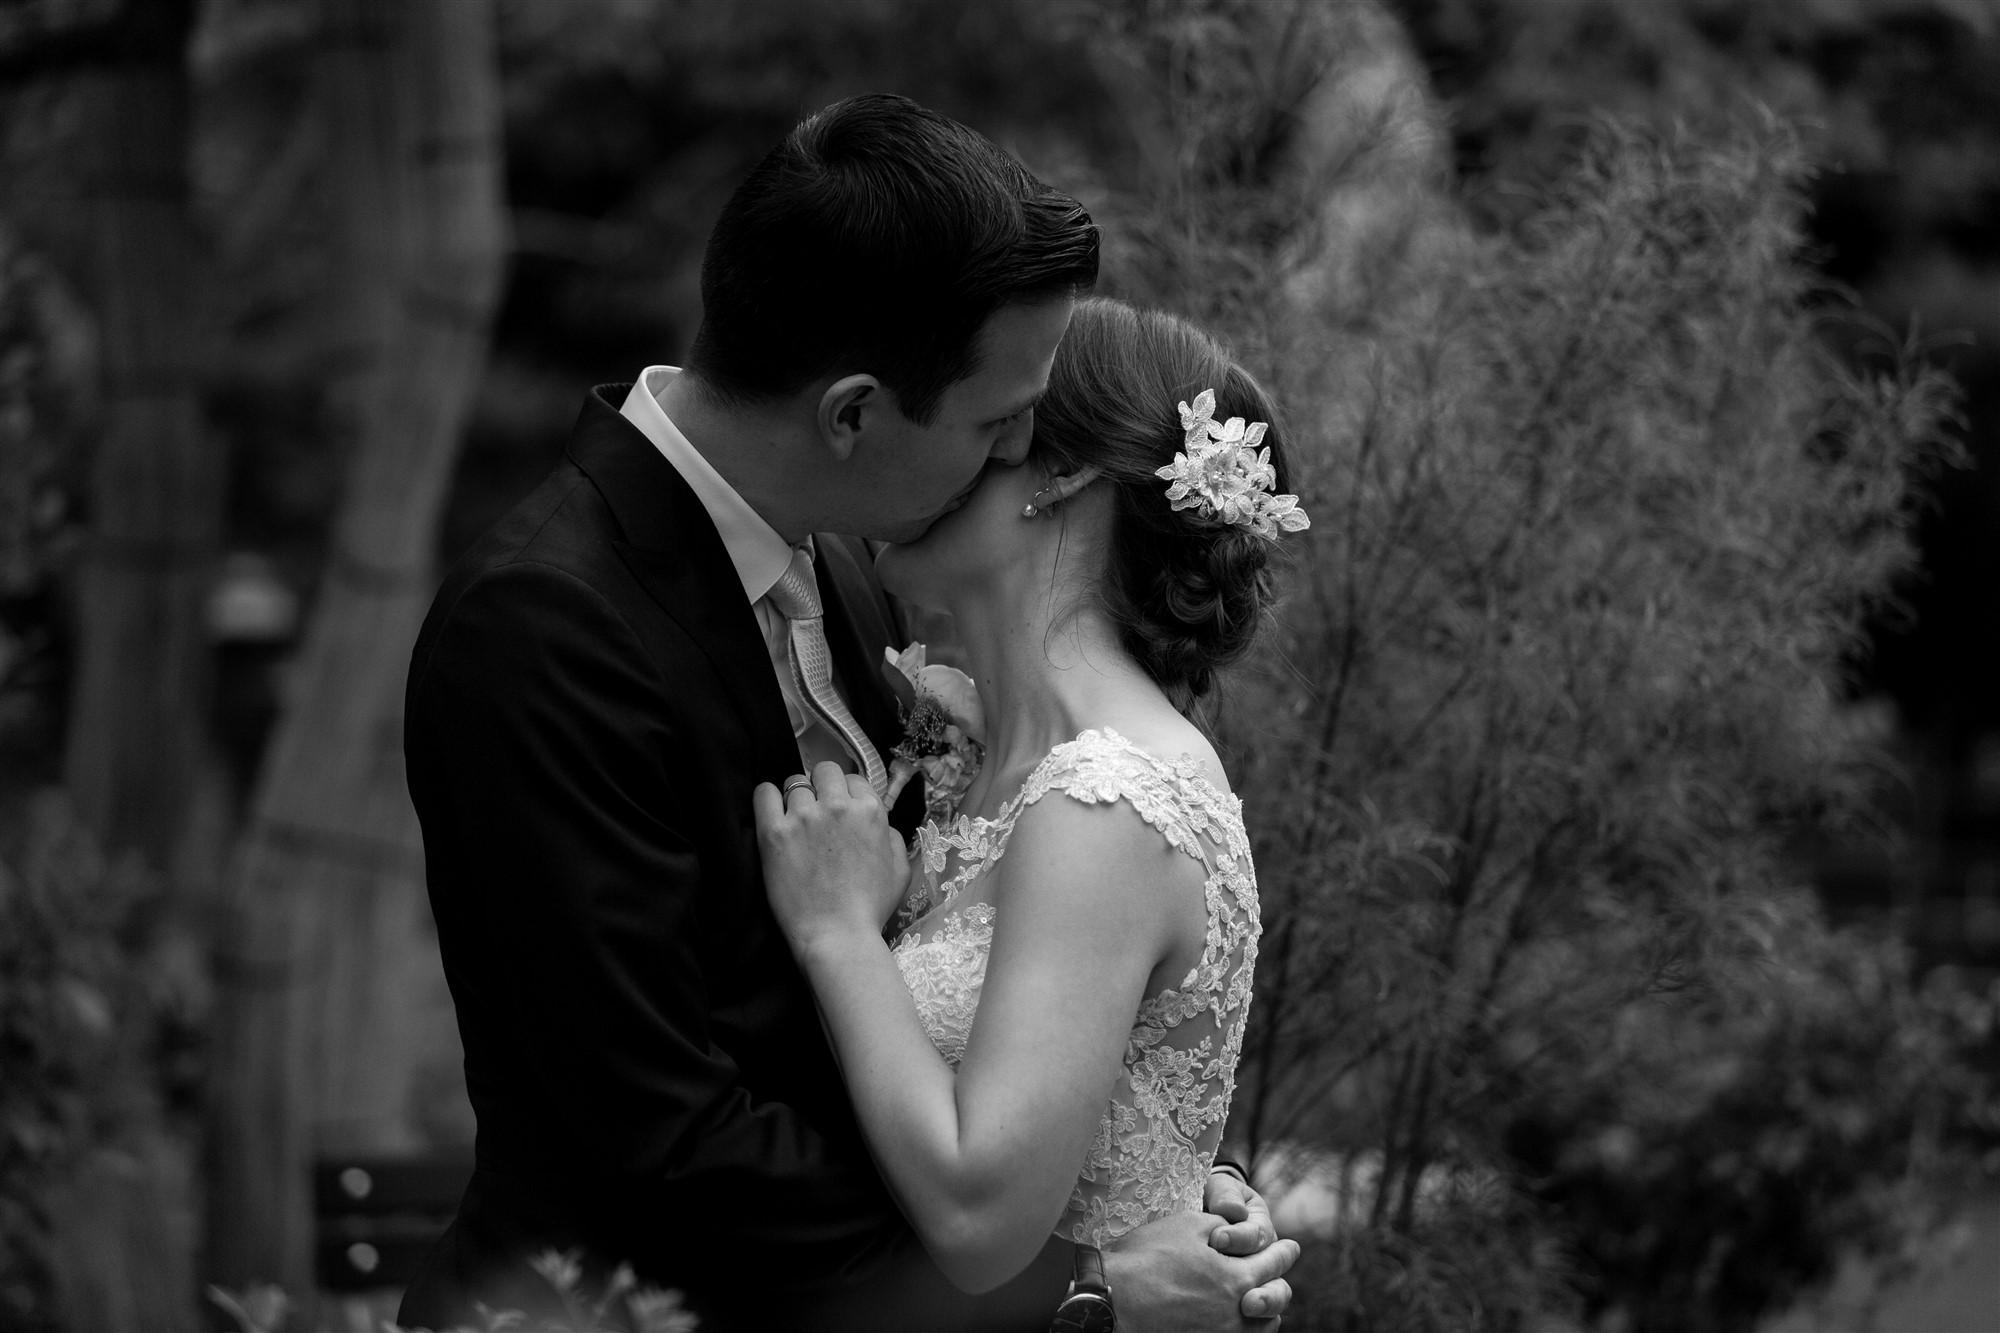 Ein natürliches und romantisches Brautpaar Fotoshooting